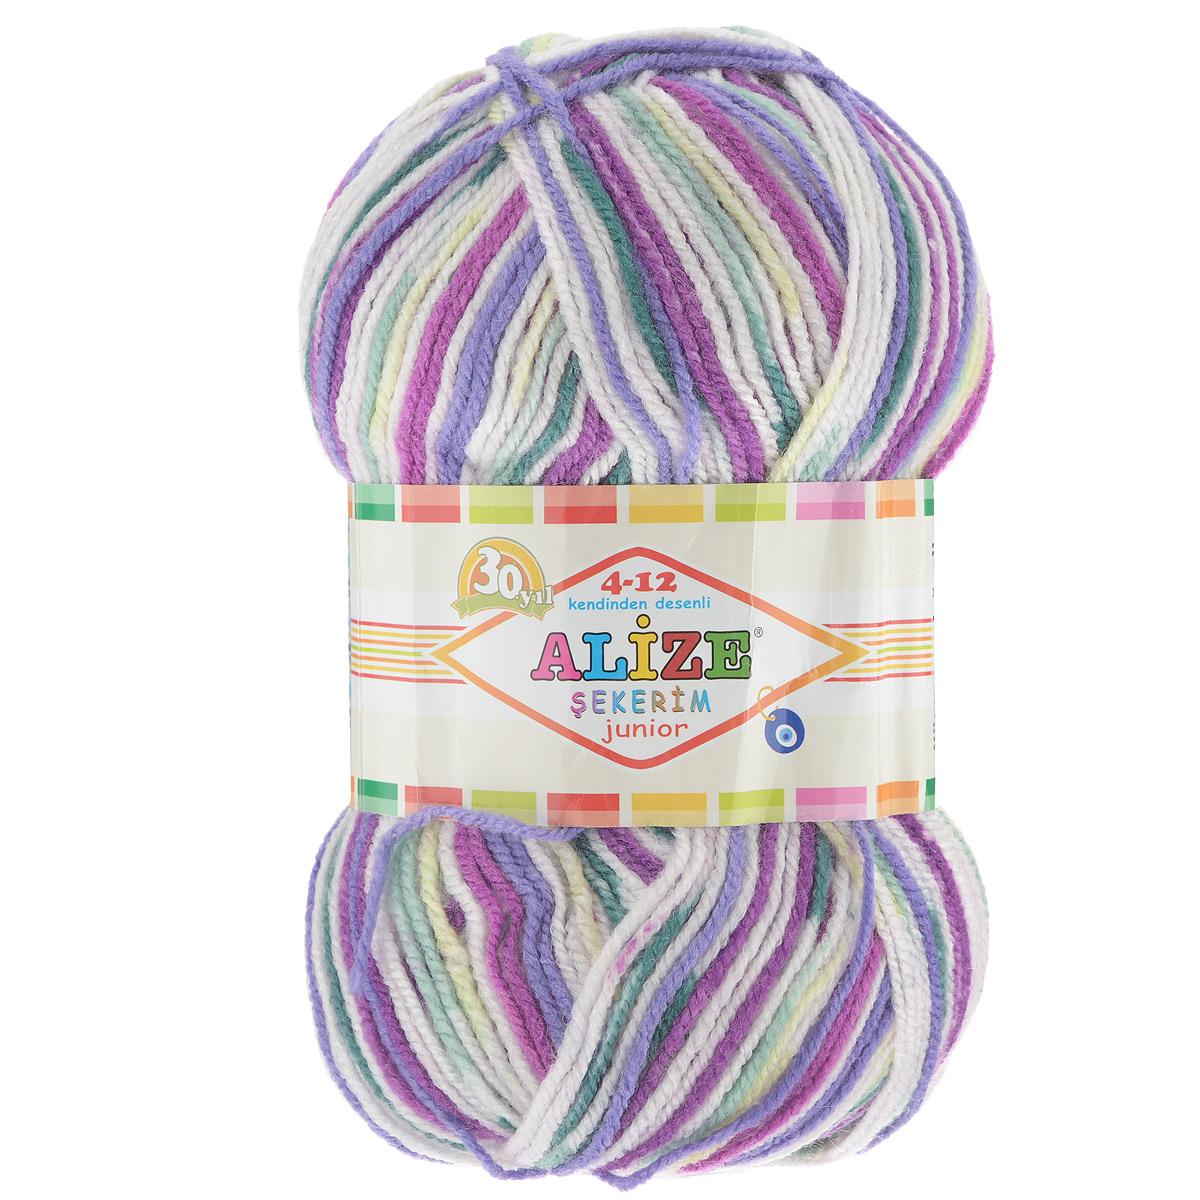 Пряжа для вязания Alize Sekerim Junior, цвет: белый, фиолетовый, желтый (809), 320 м, 100 г, 5 шт364082_809Пряжа Alize Sekerim Junior создана для вязания детских вещей. Мягкая и красивая нить в процессе вязания превращается в оригинальный узор в стиле жаккард. Рекомендованные спицы 3-4 мм и крючок для вязания 2-4 мм. Комплектация: 5 мотков. Состав: 90% акрил, 10% полиамид.